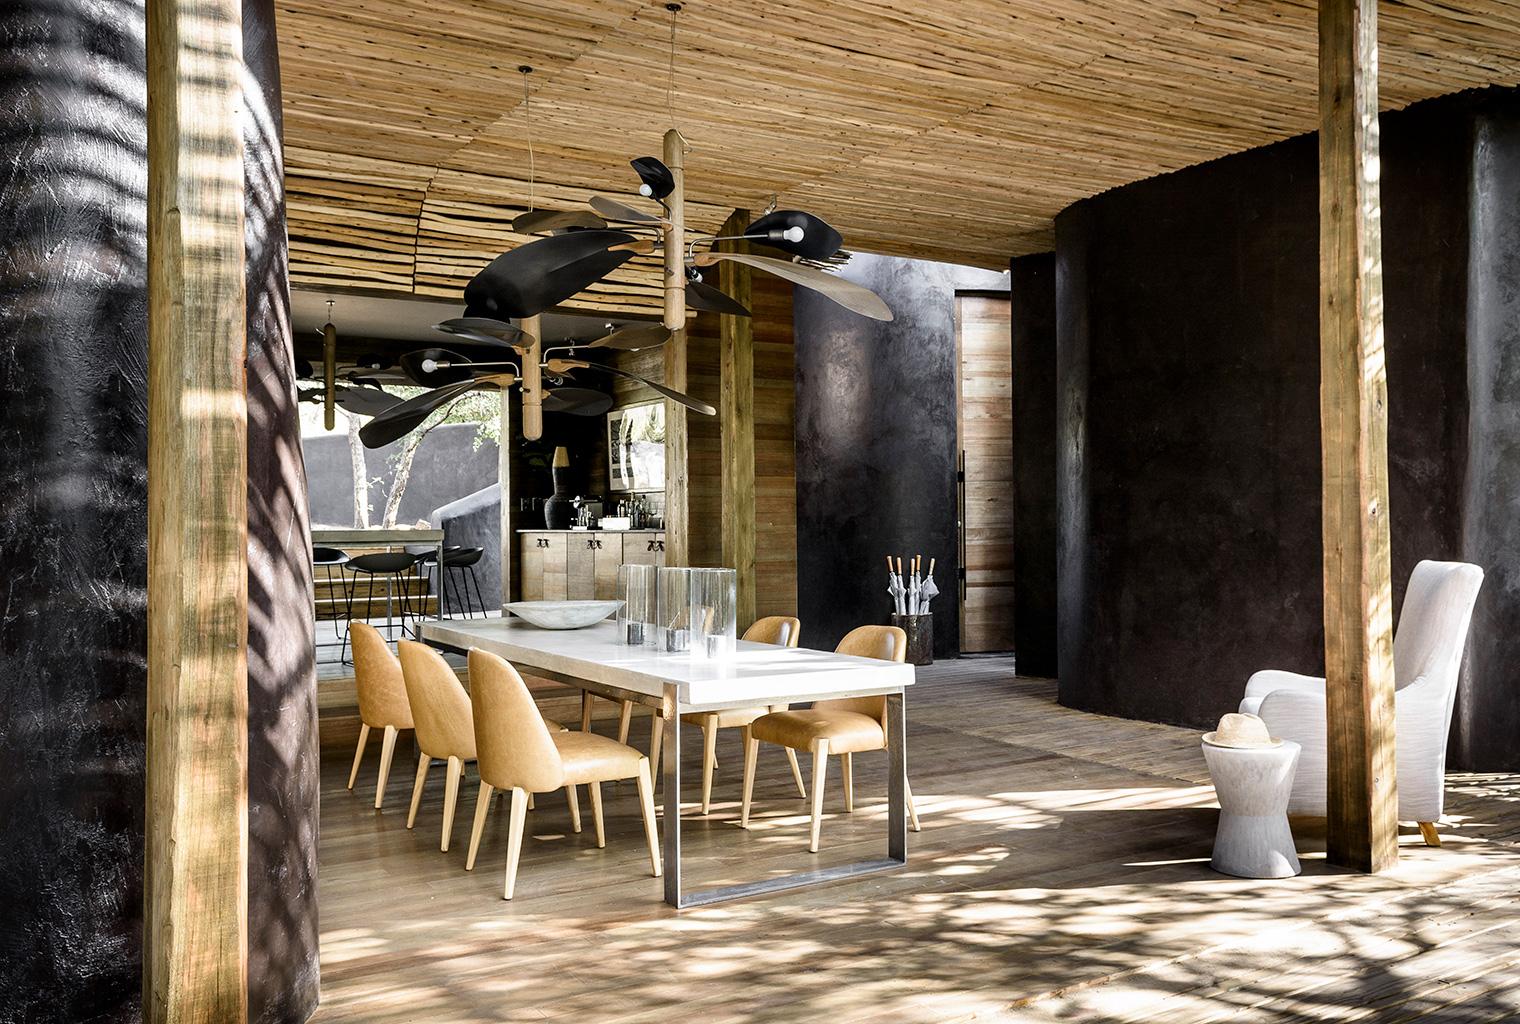 Singita-Lebombo-Lodge-South-Africa-Dining